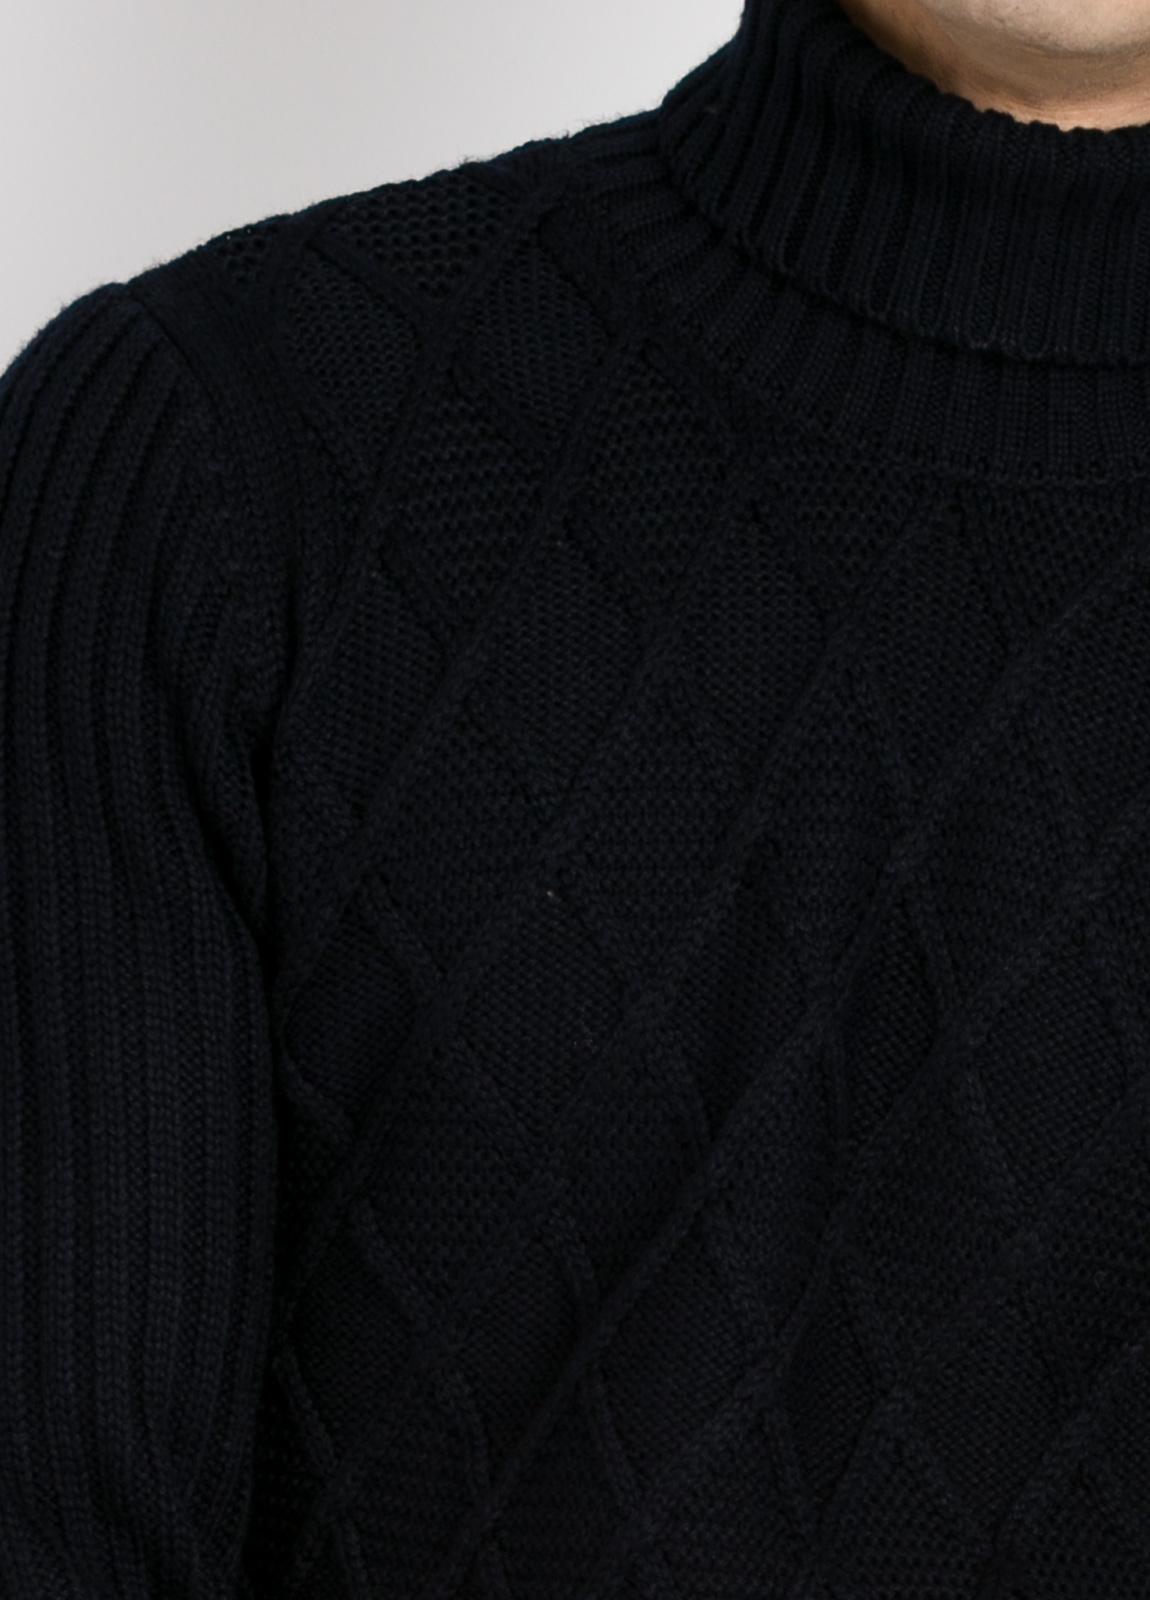 Jersey cuello cisne tejido trenzado y canalé color azul marino. - Ítem1